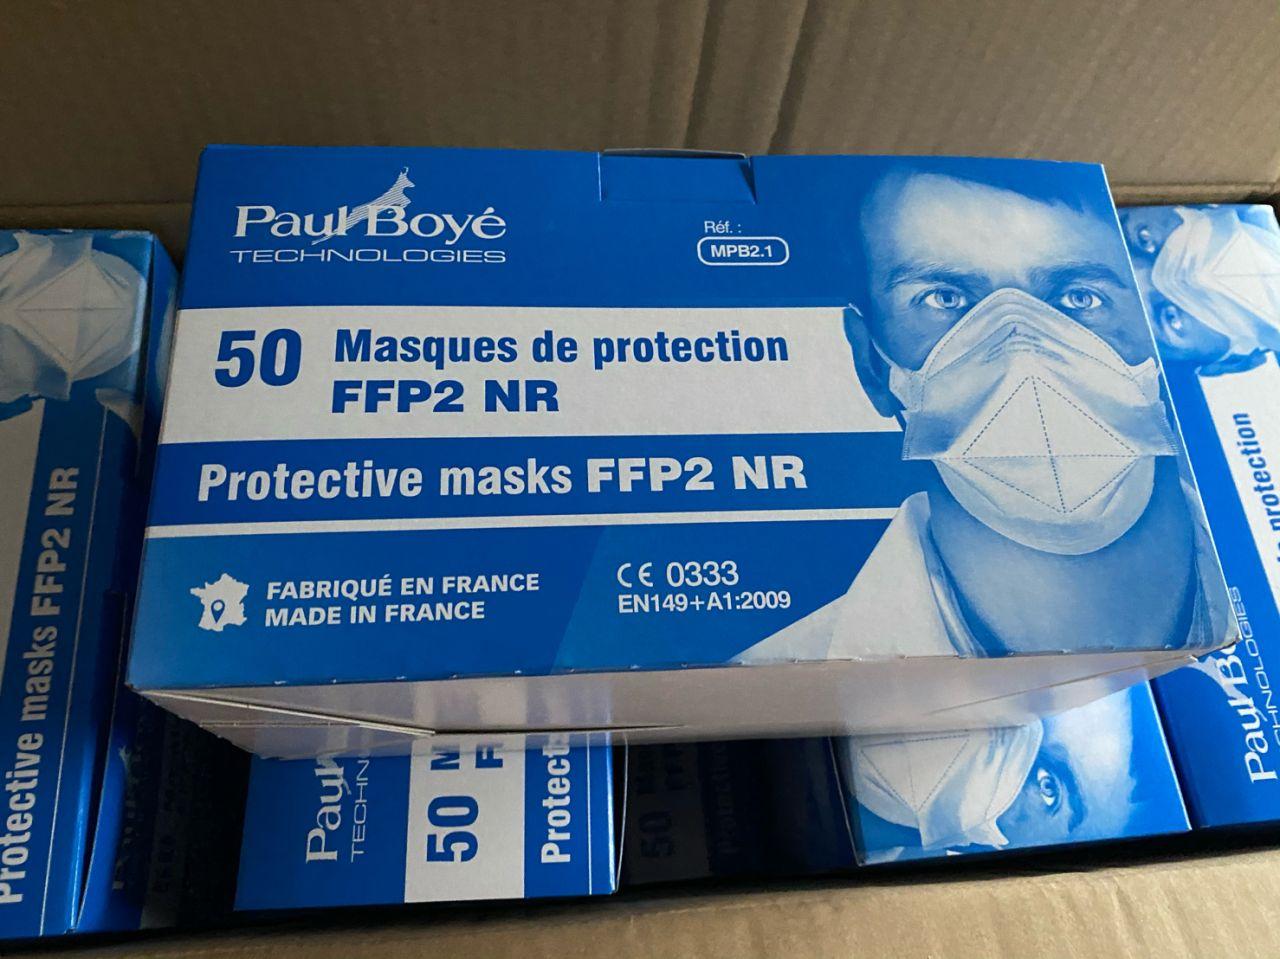 Masque FFP2 Paul Boyé vu d'une boite de 50 masques